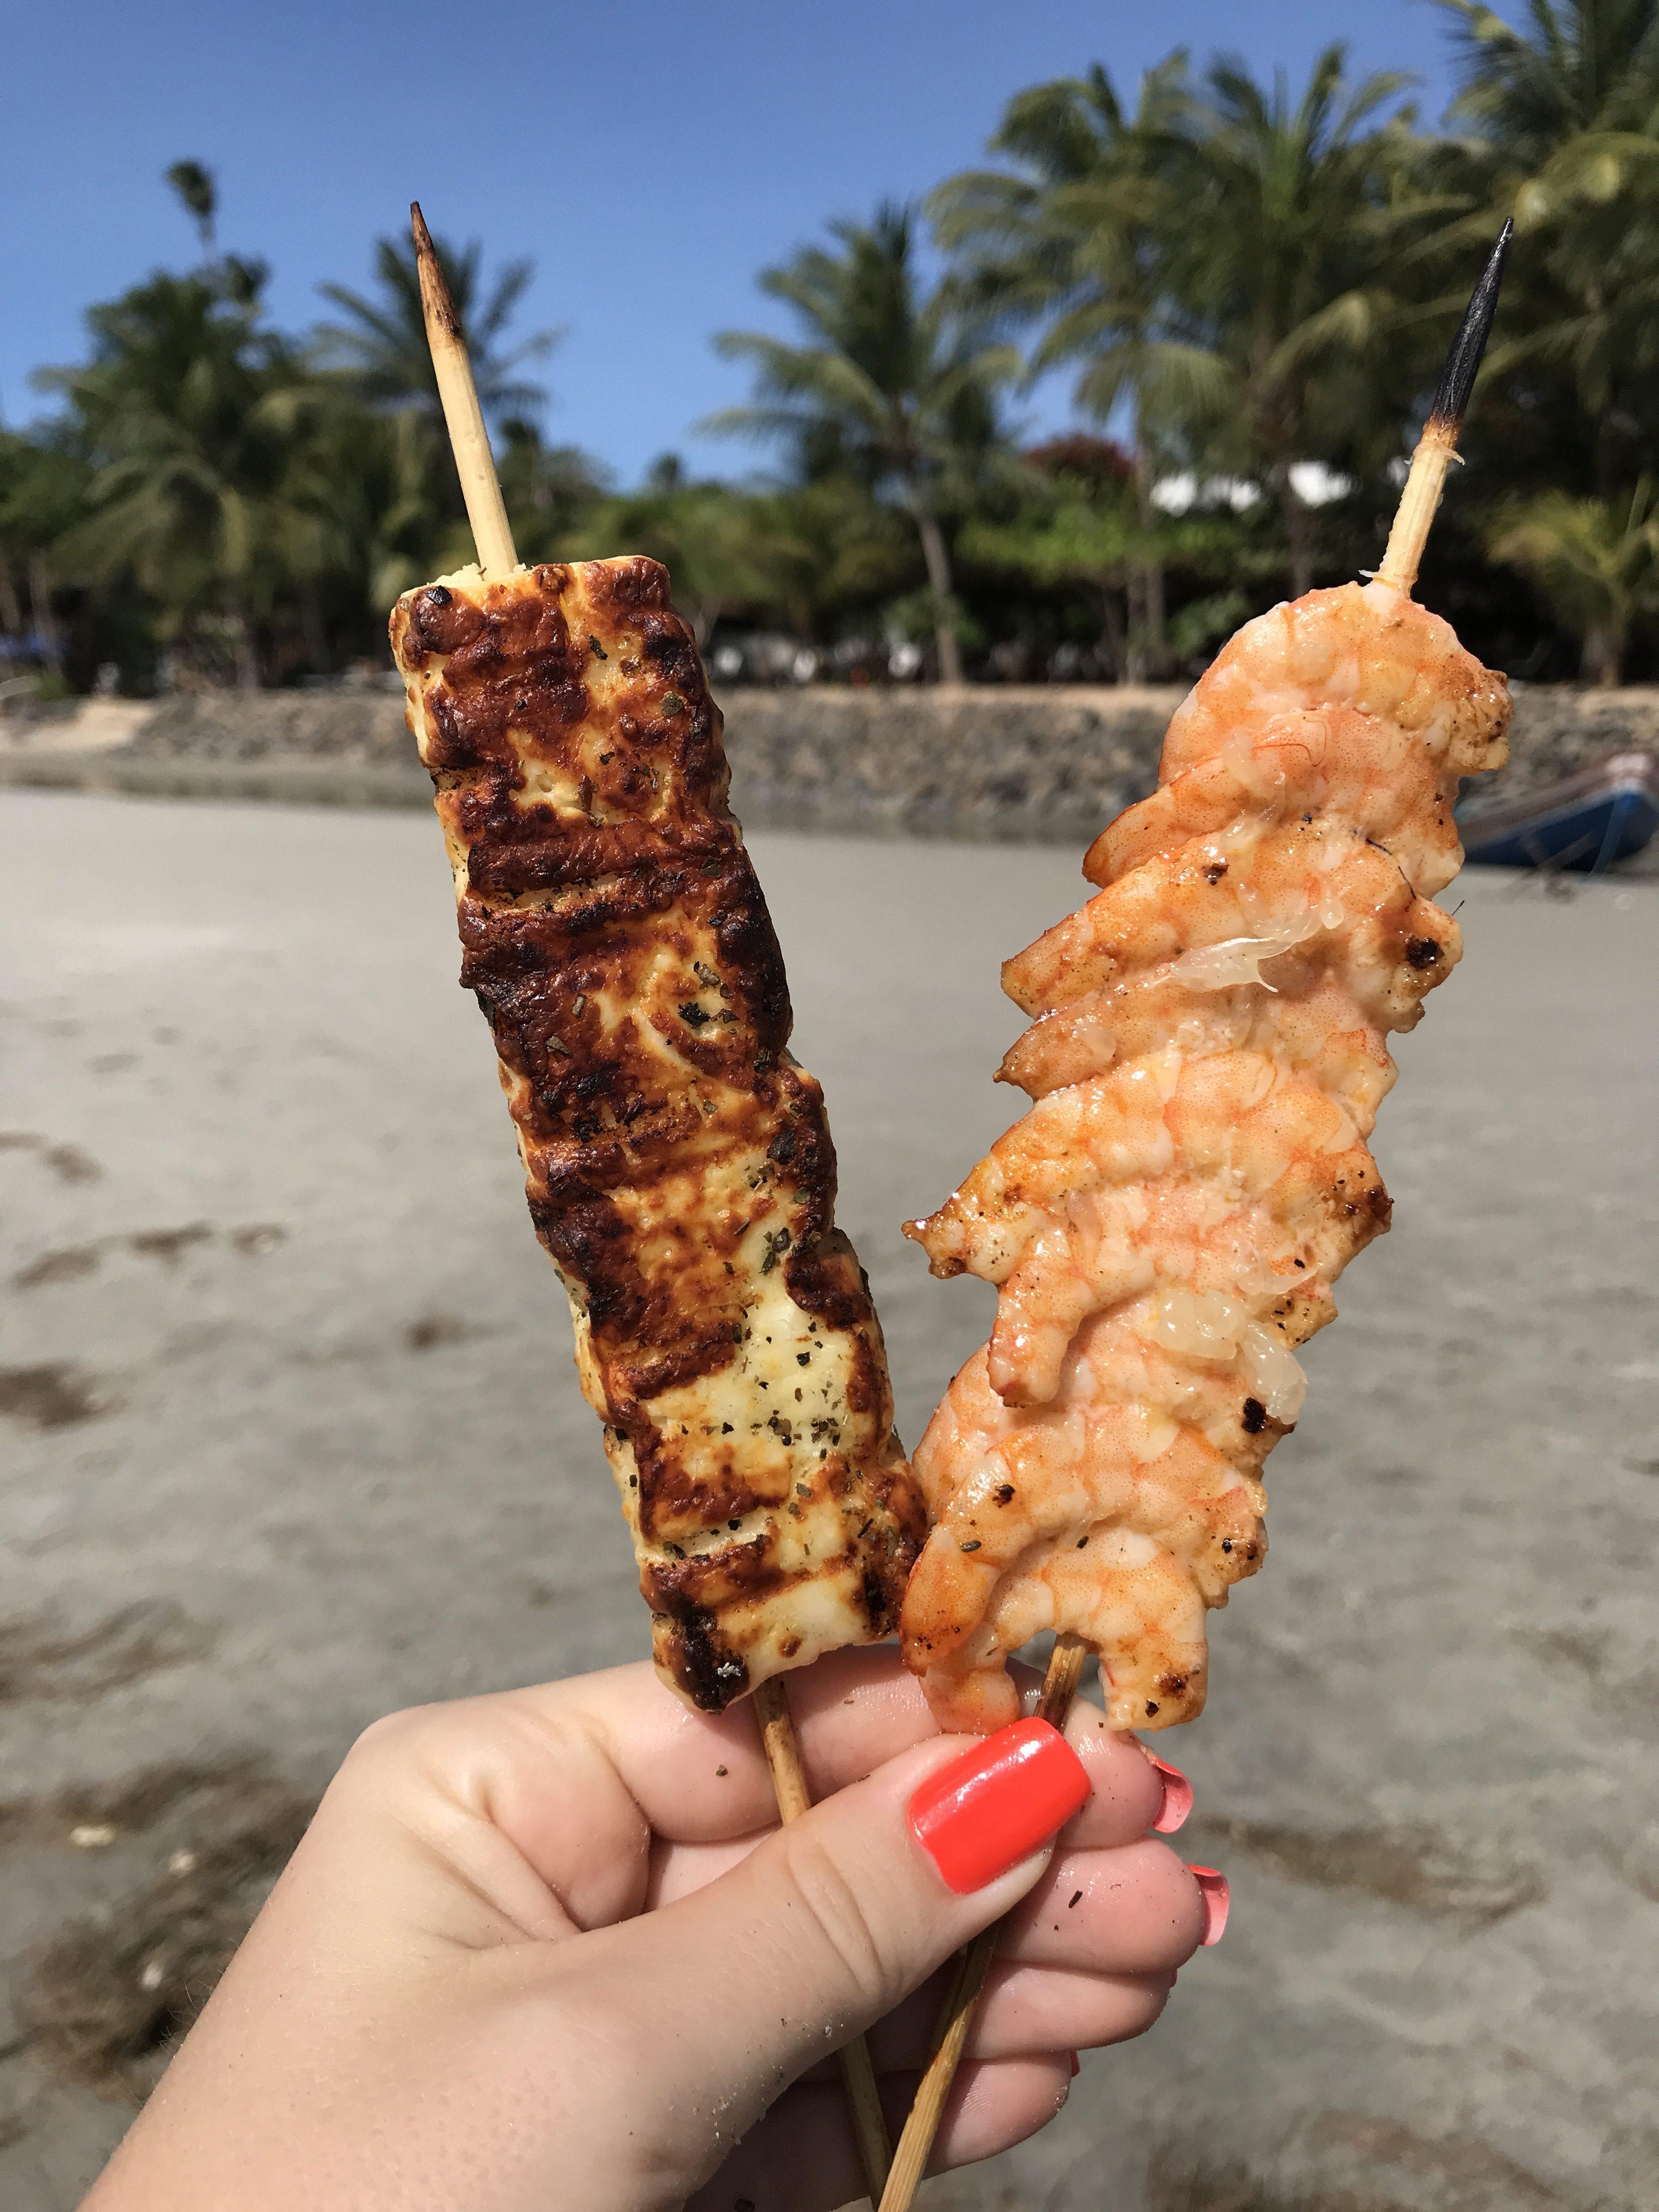 Brasiliansk mat på stranden grillad ost och räkor